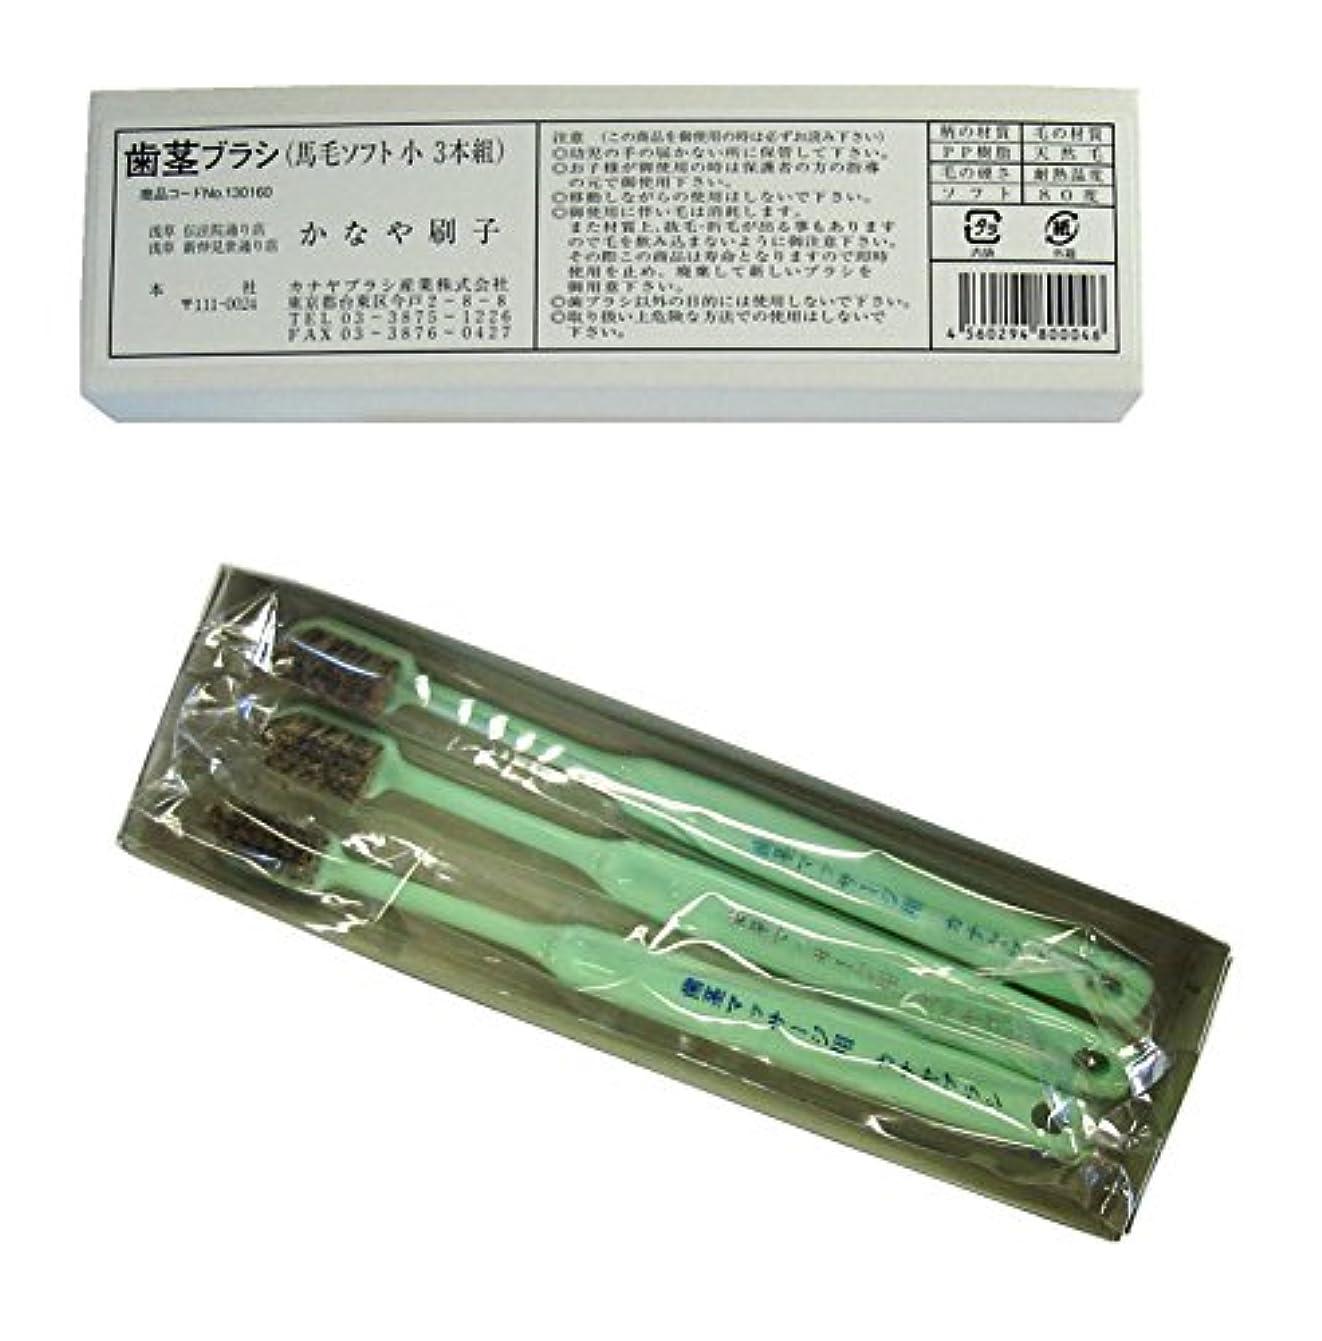 番号代表する静める馬毛歯茎ブラシ(3本入り) 絶品! カナヤブラシ製品 毛質:超ソフト